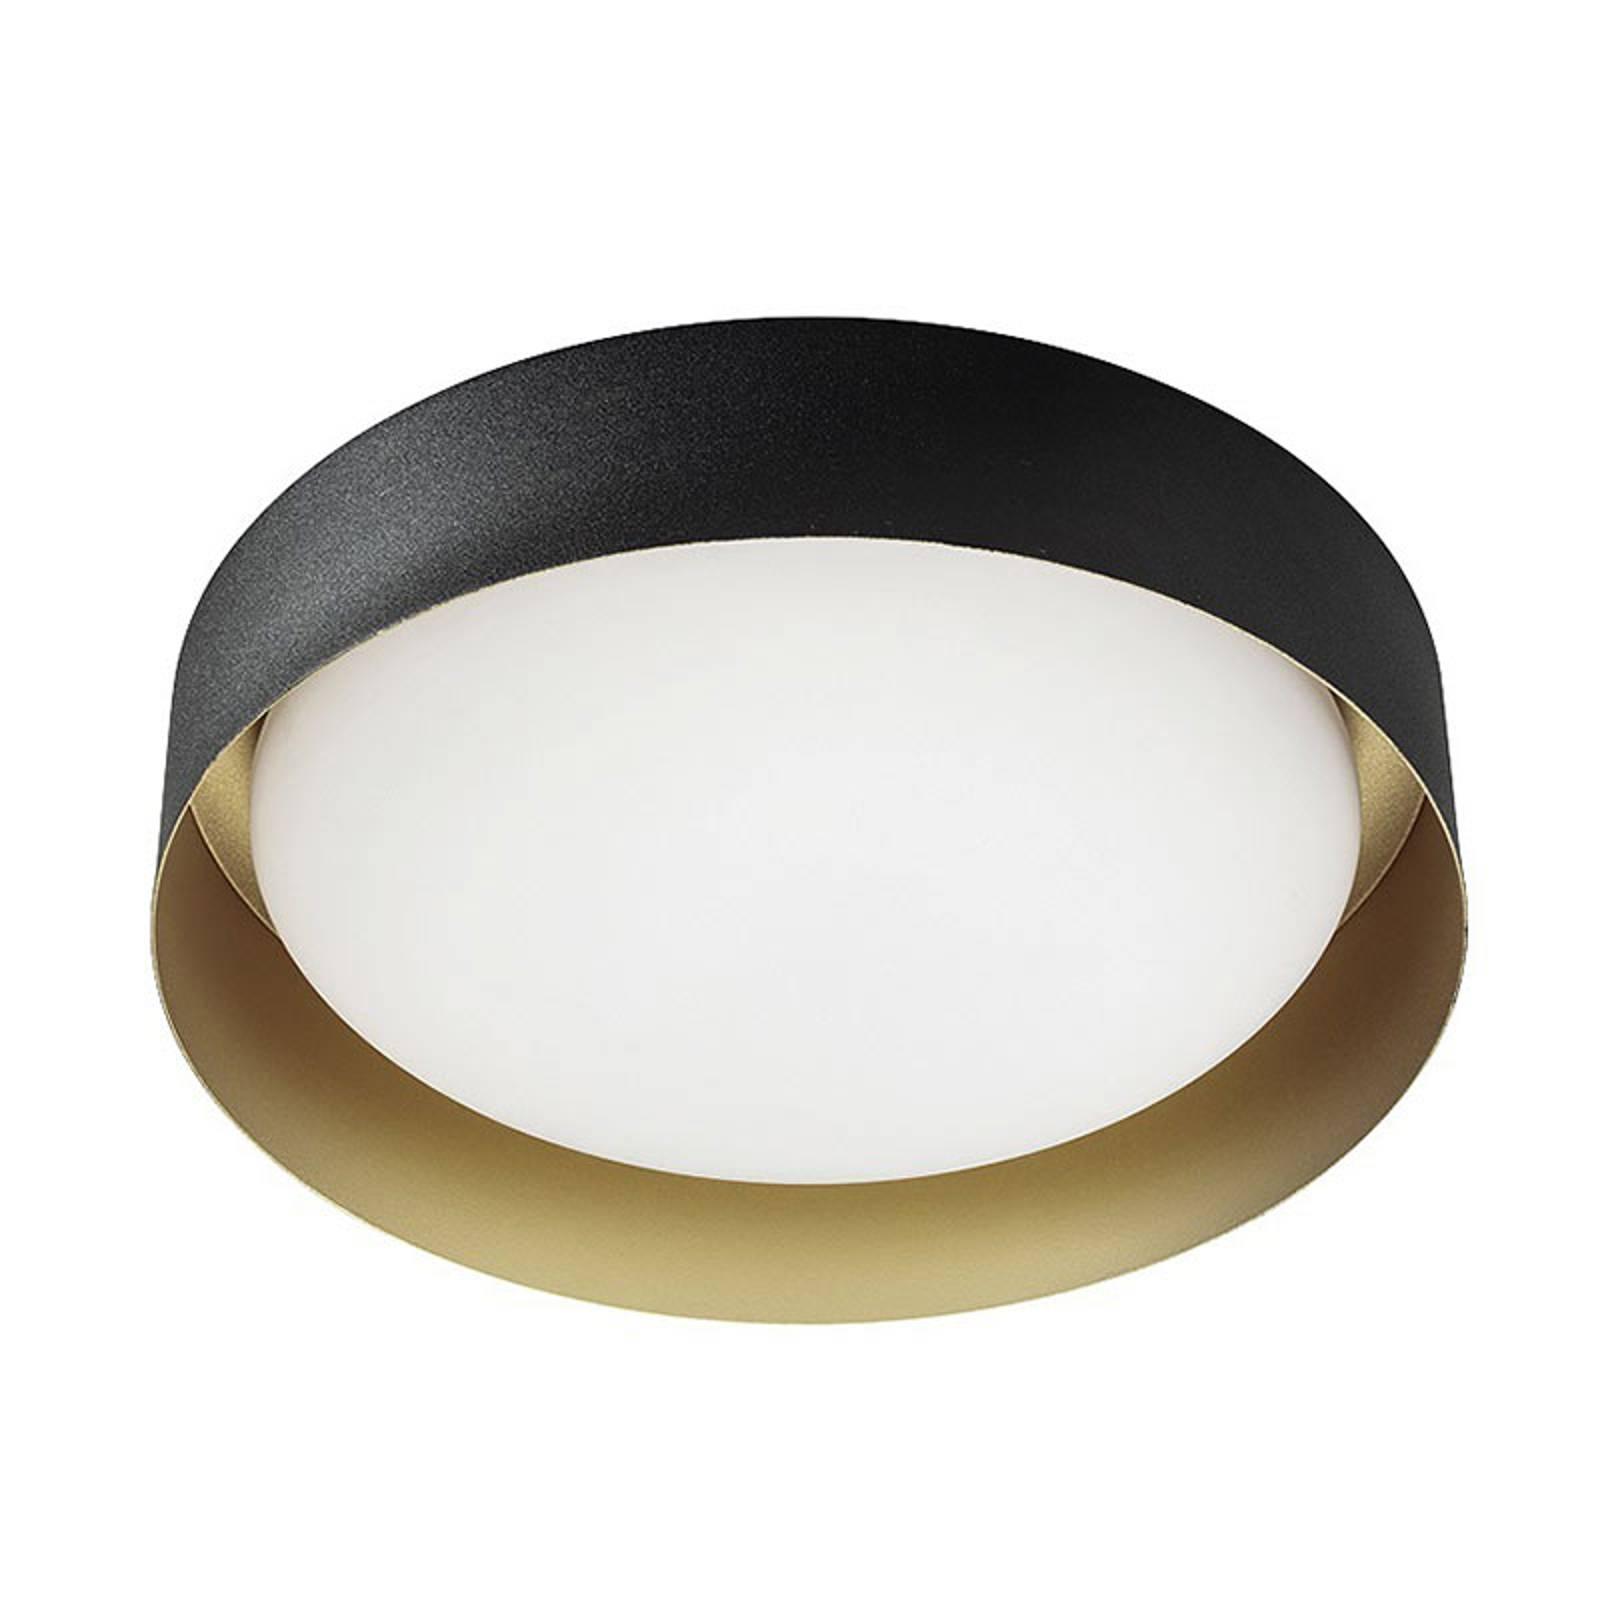 LED-kattovalaisin Crew 2, Ø 33 cm, musta/kulta